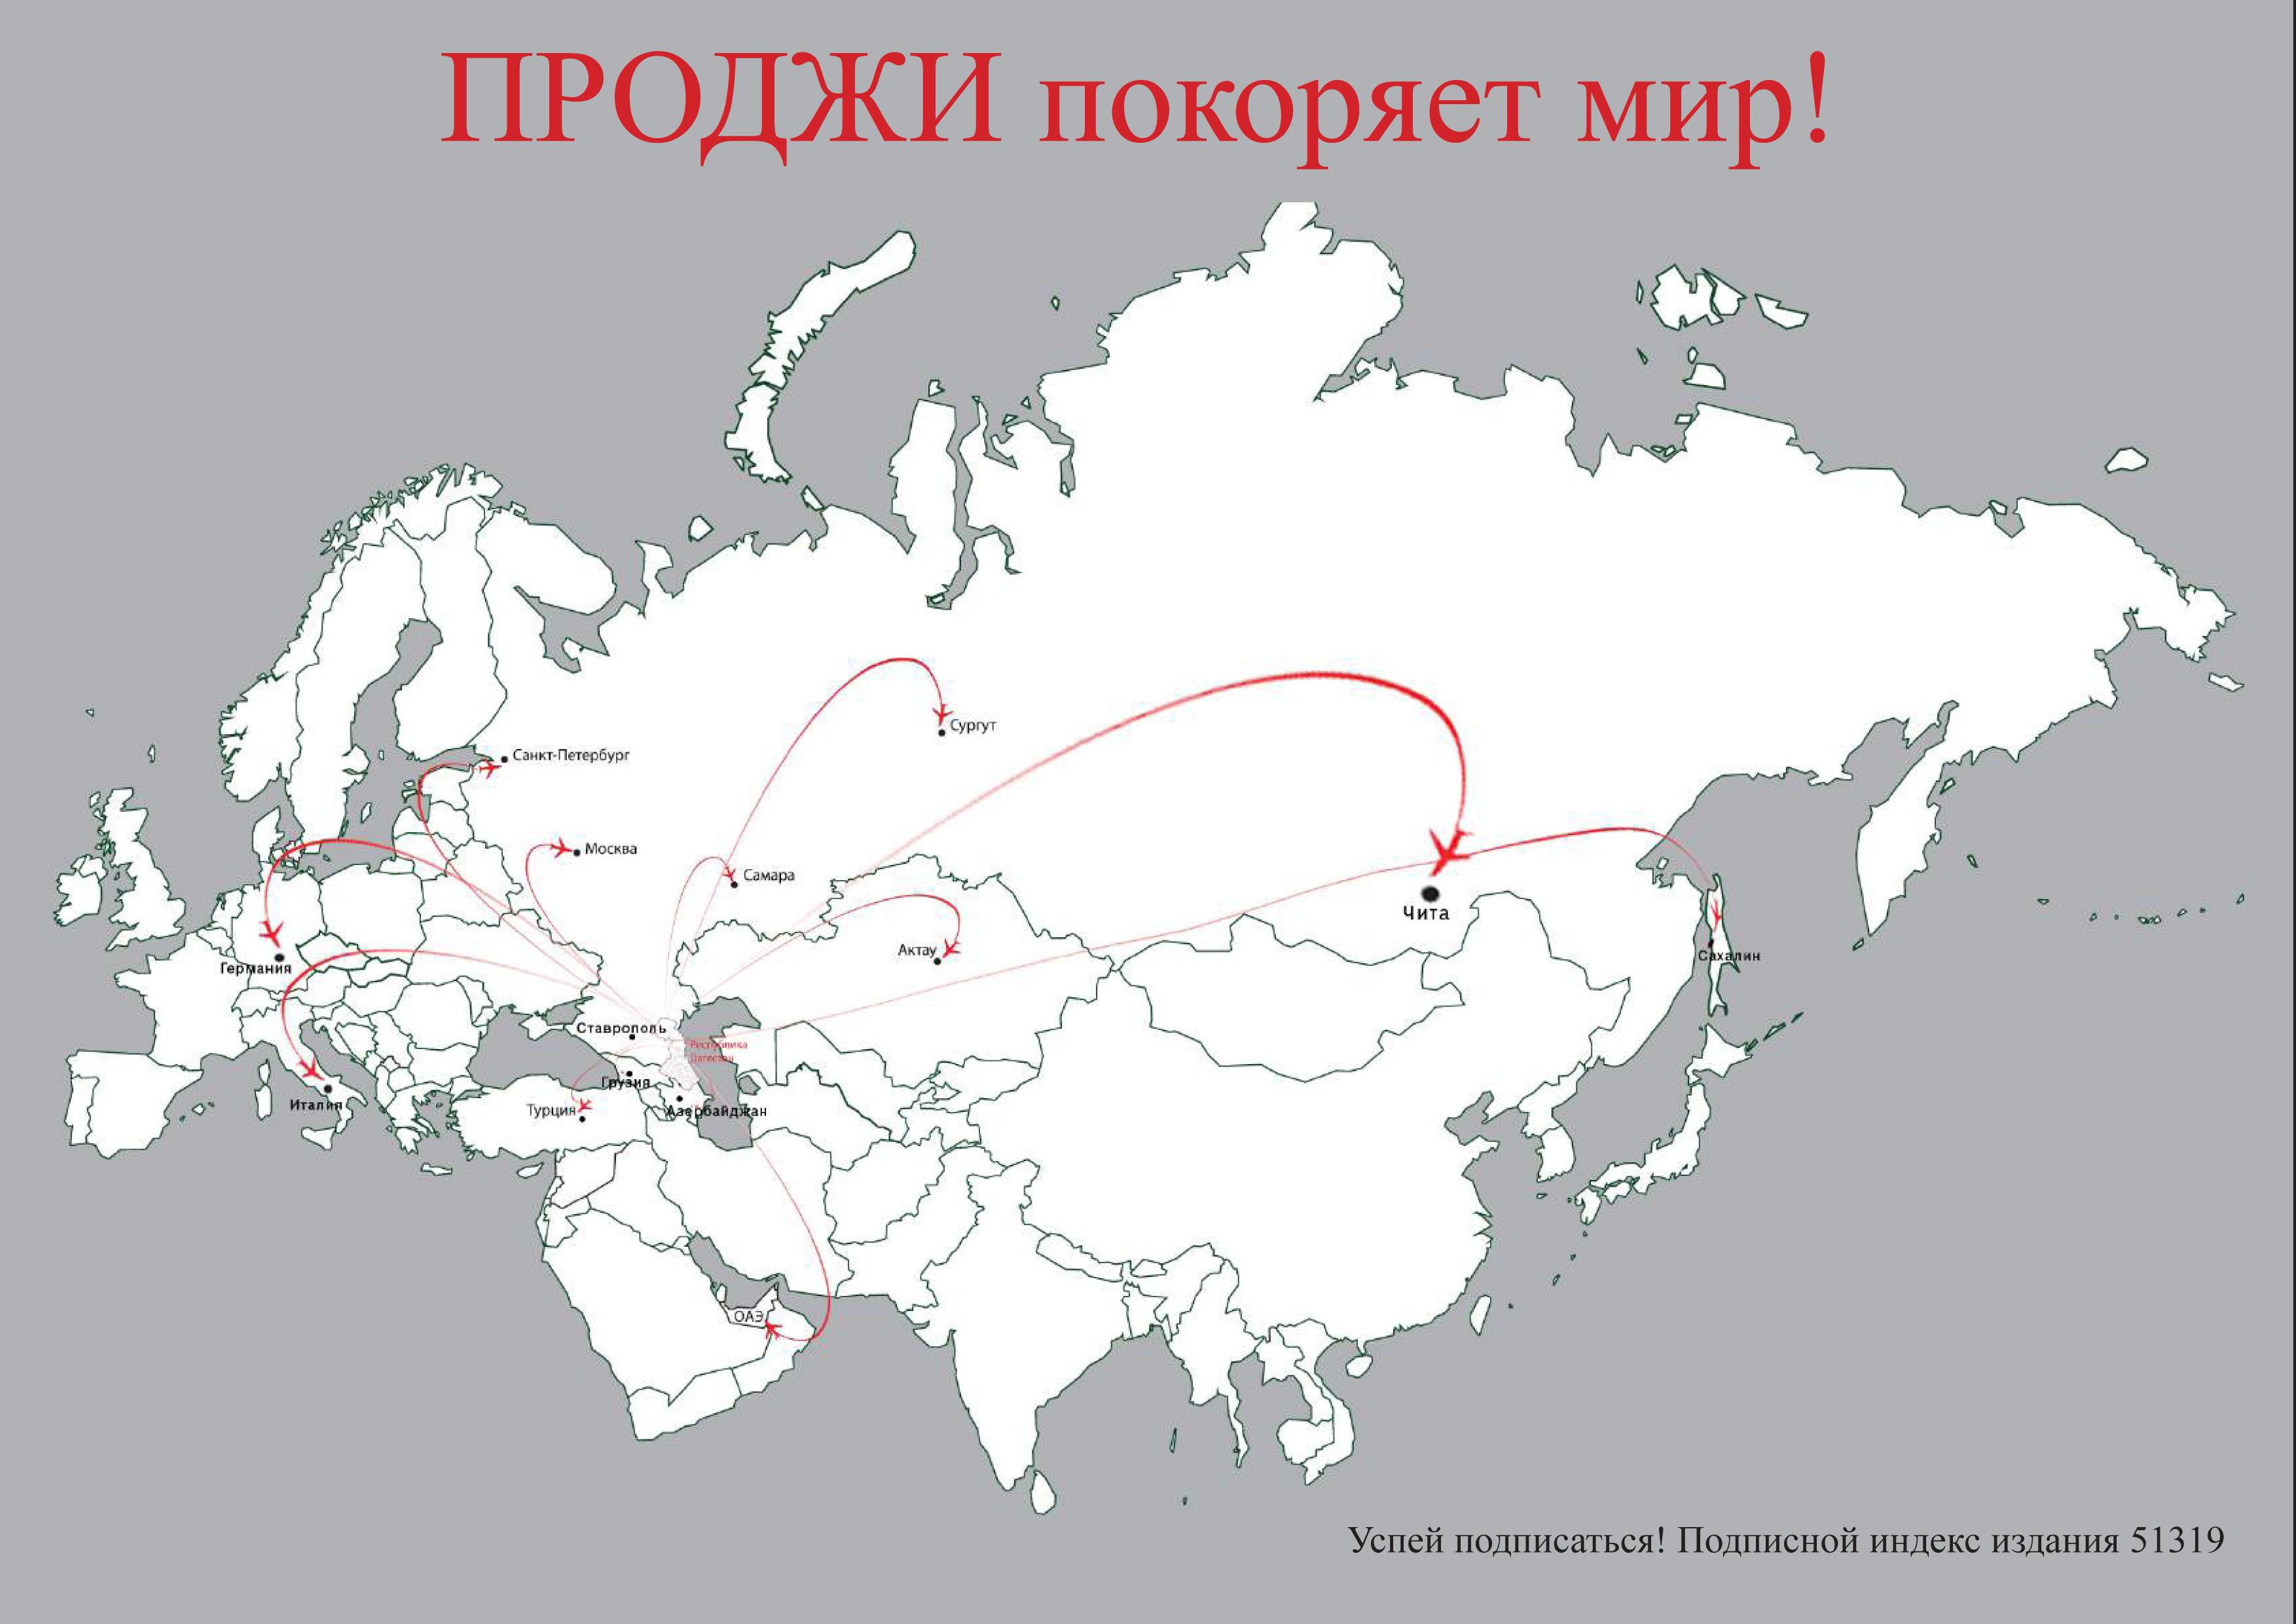 Prezentatsiya Prodzhi-6